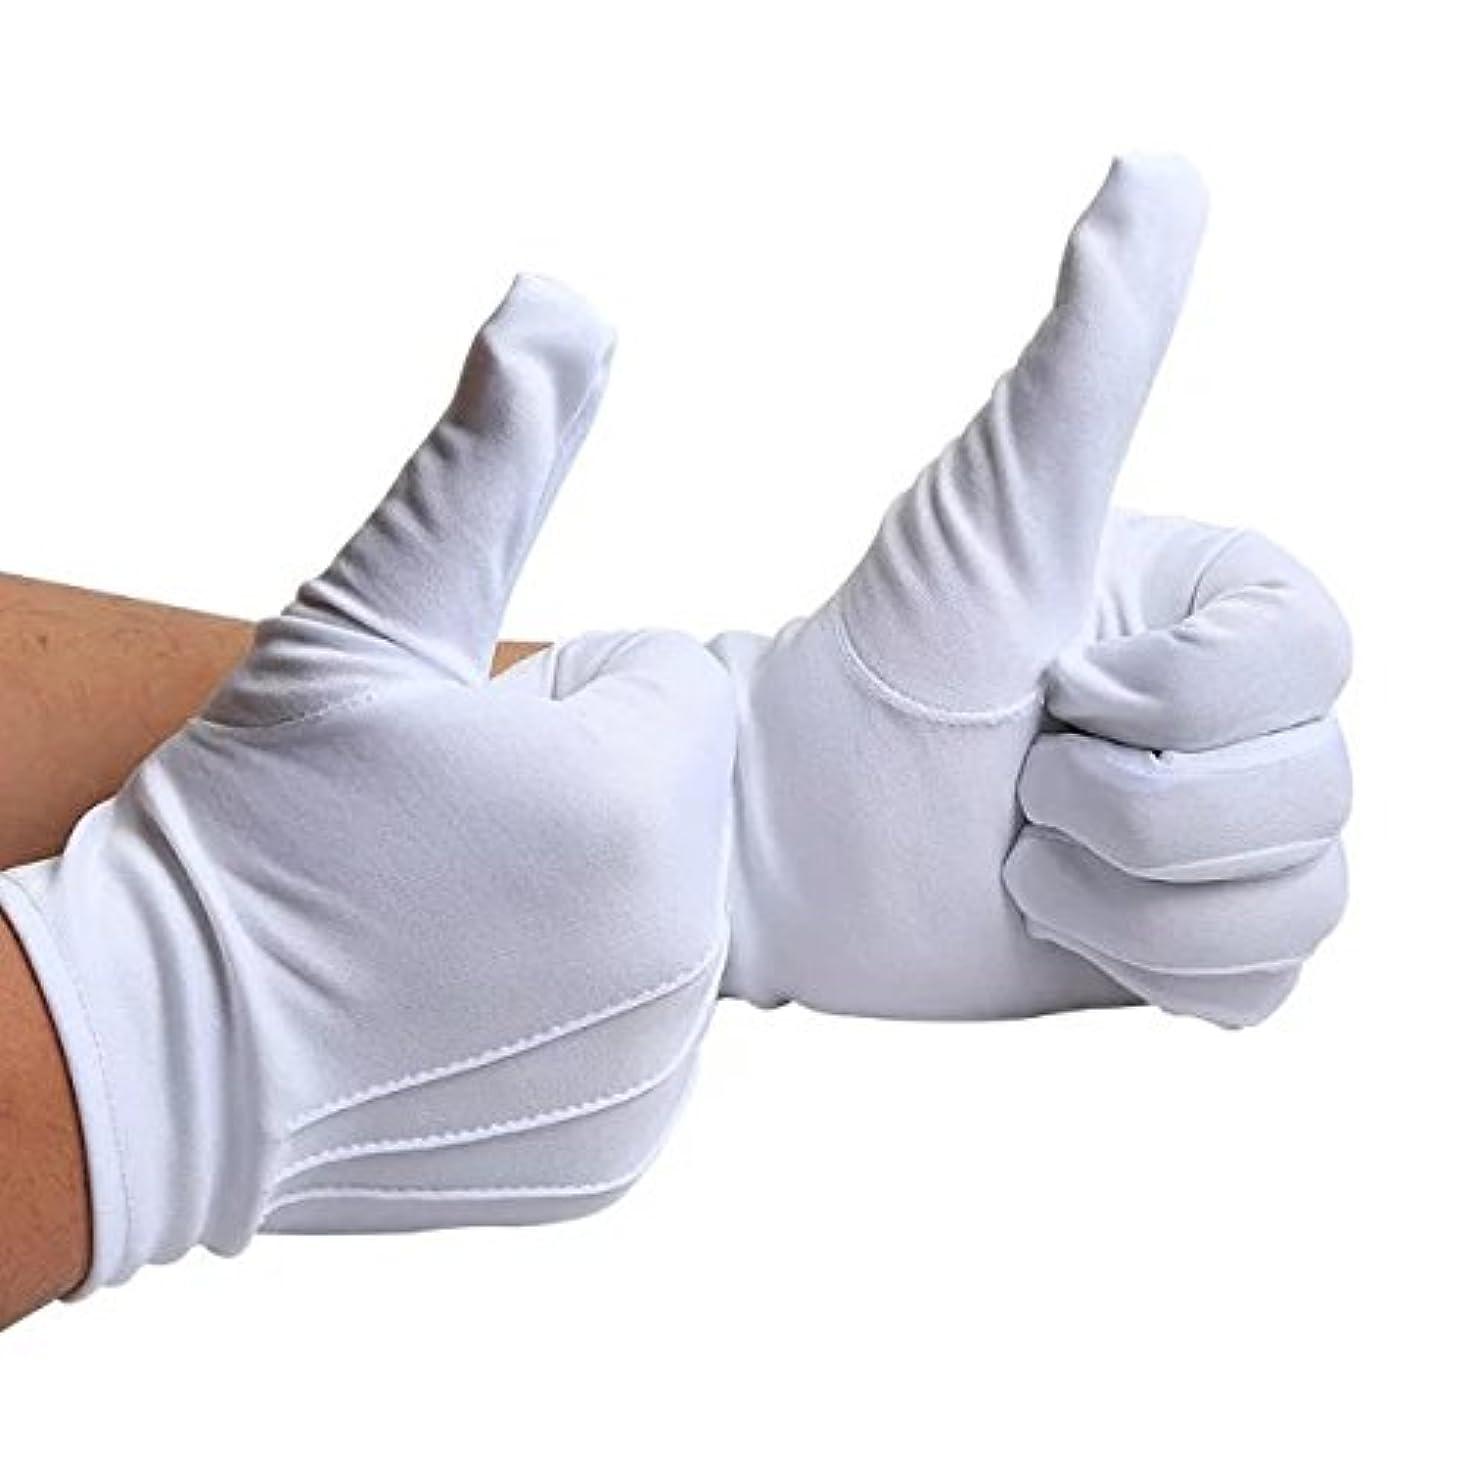 大きなスケールで見るとレバーマッサージ【10双組セット】 ナイロン 手袋 白 紳士 水洗い可 スリット無し